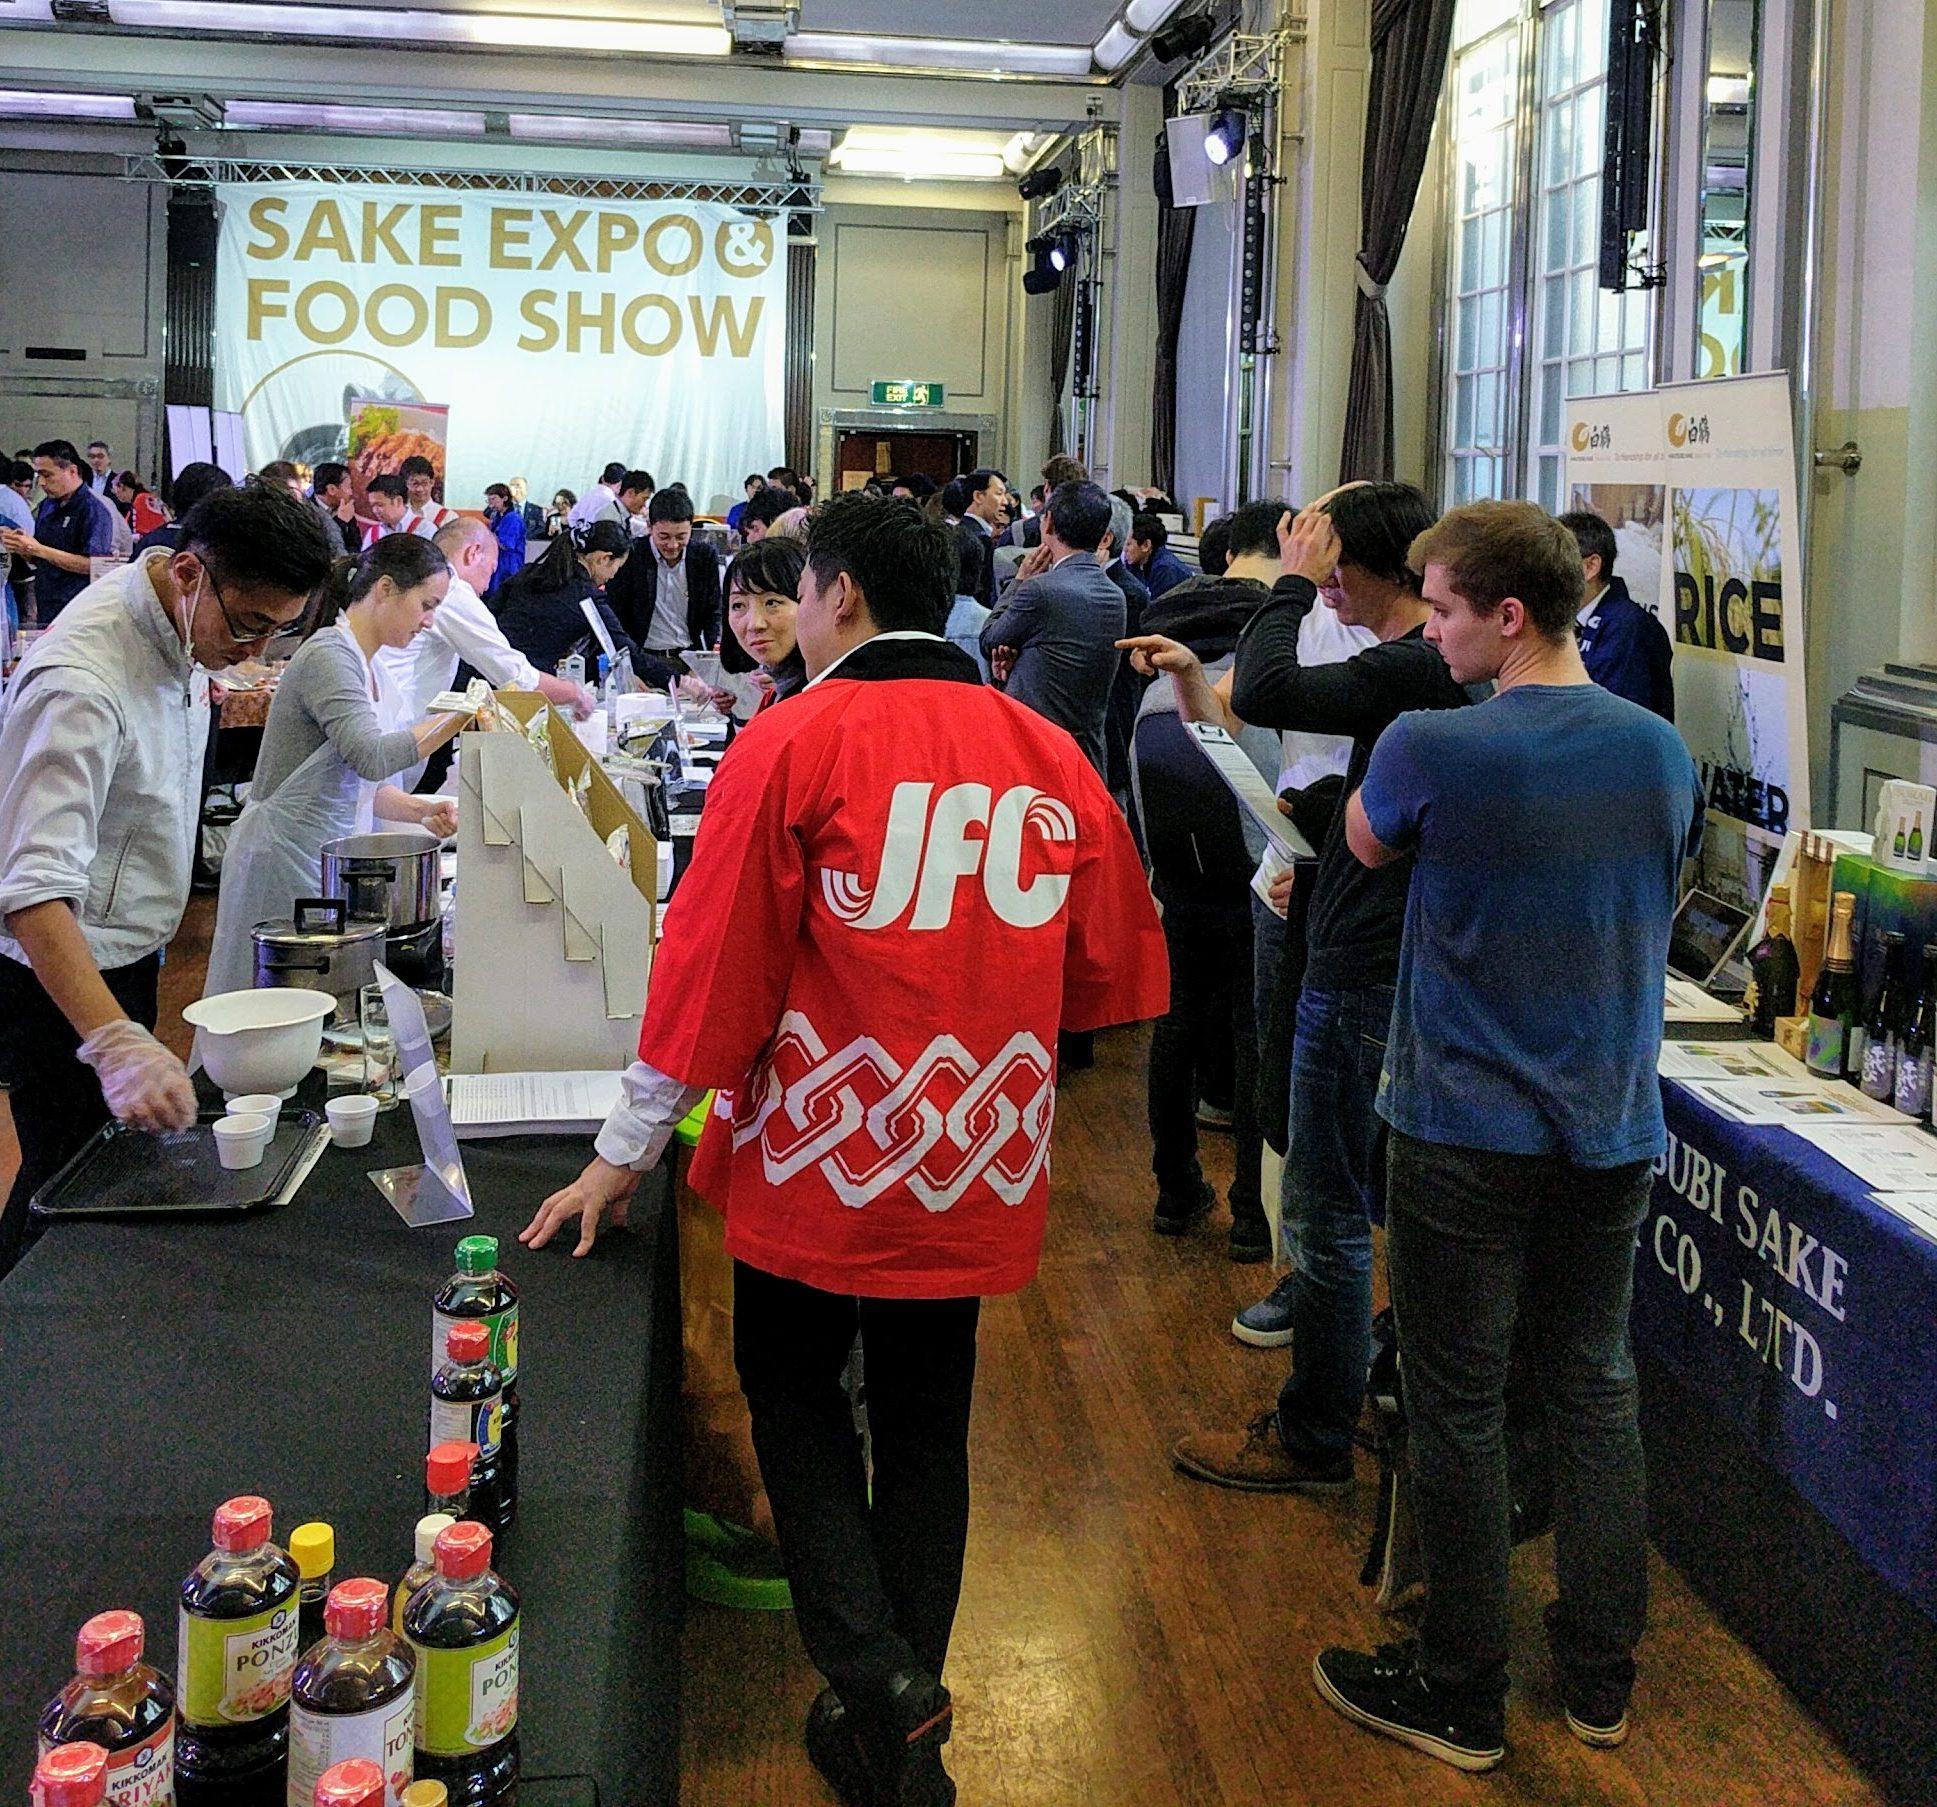 JFC Sake Expo & Food Show Pt  2 - 杉玉 Sugidama: Sake blog